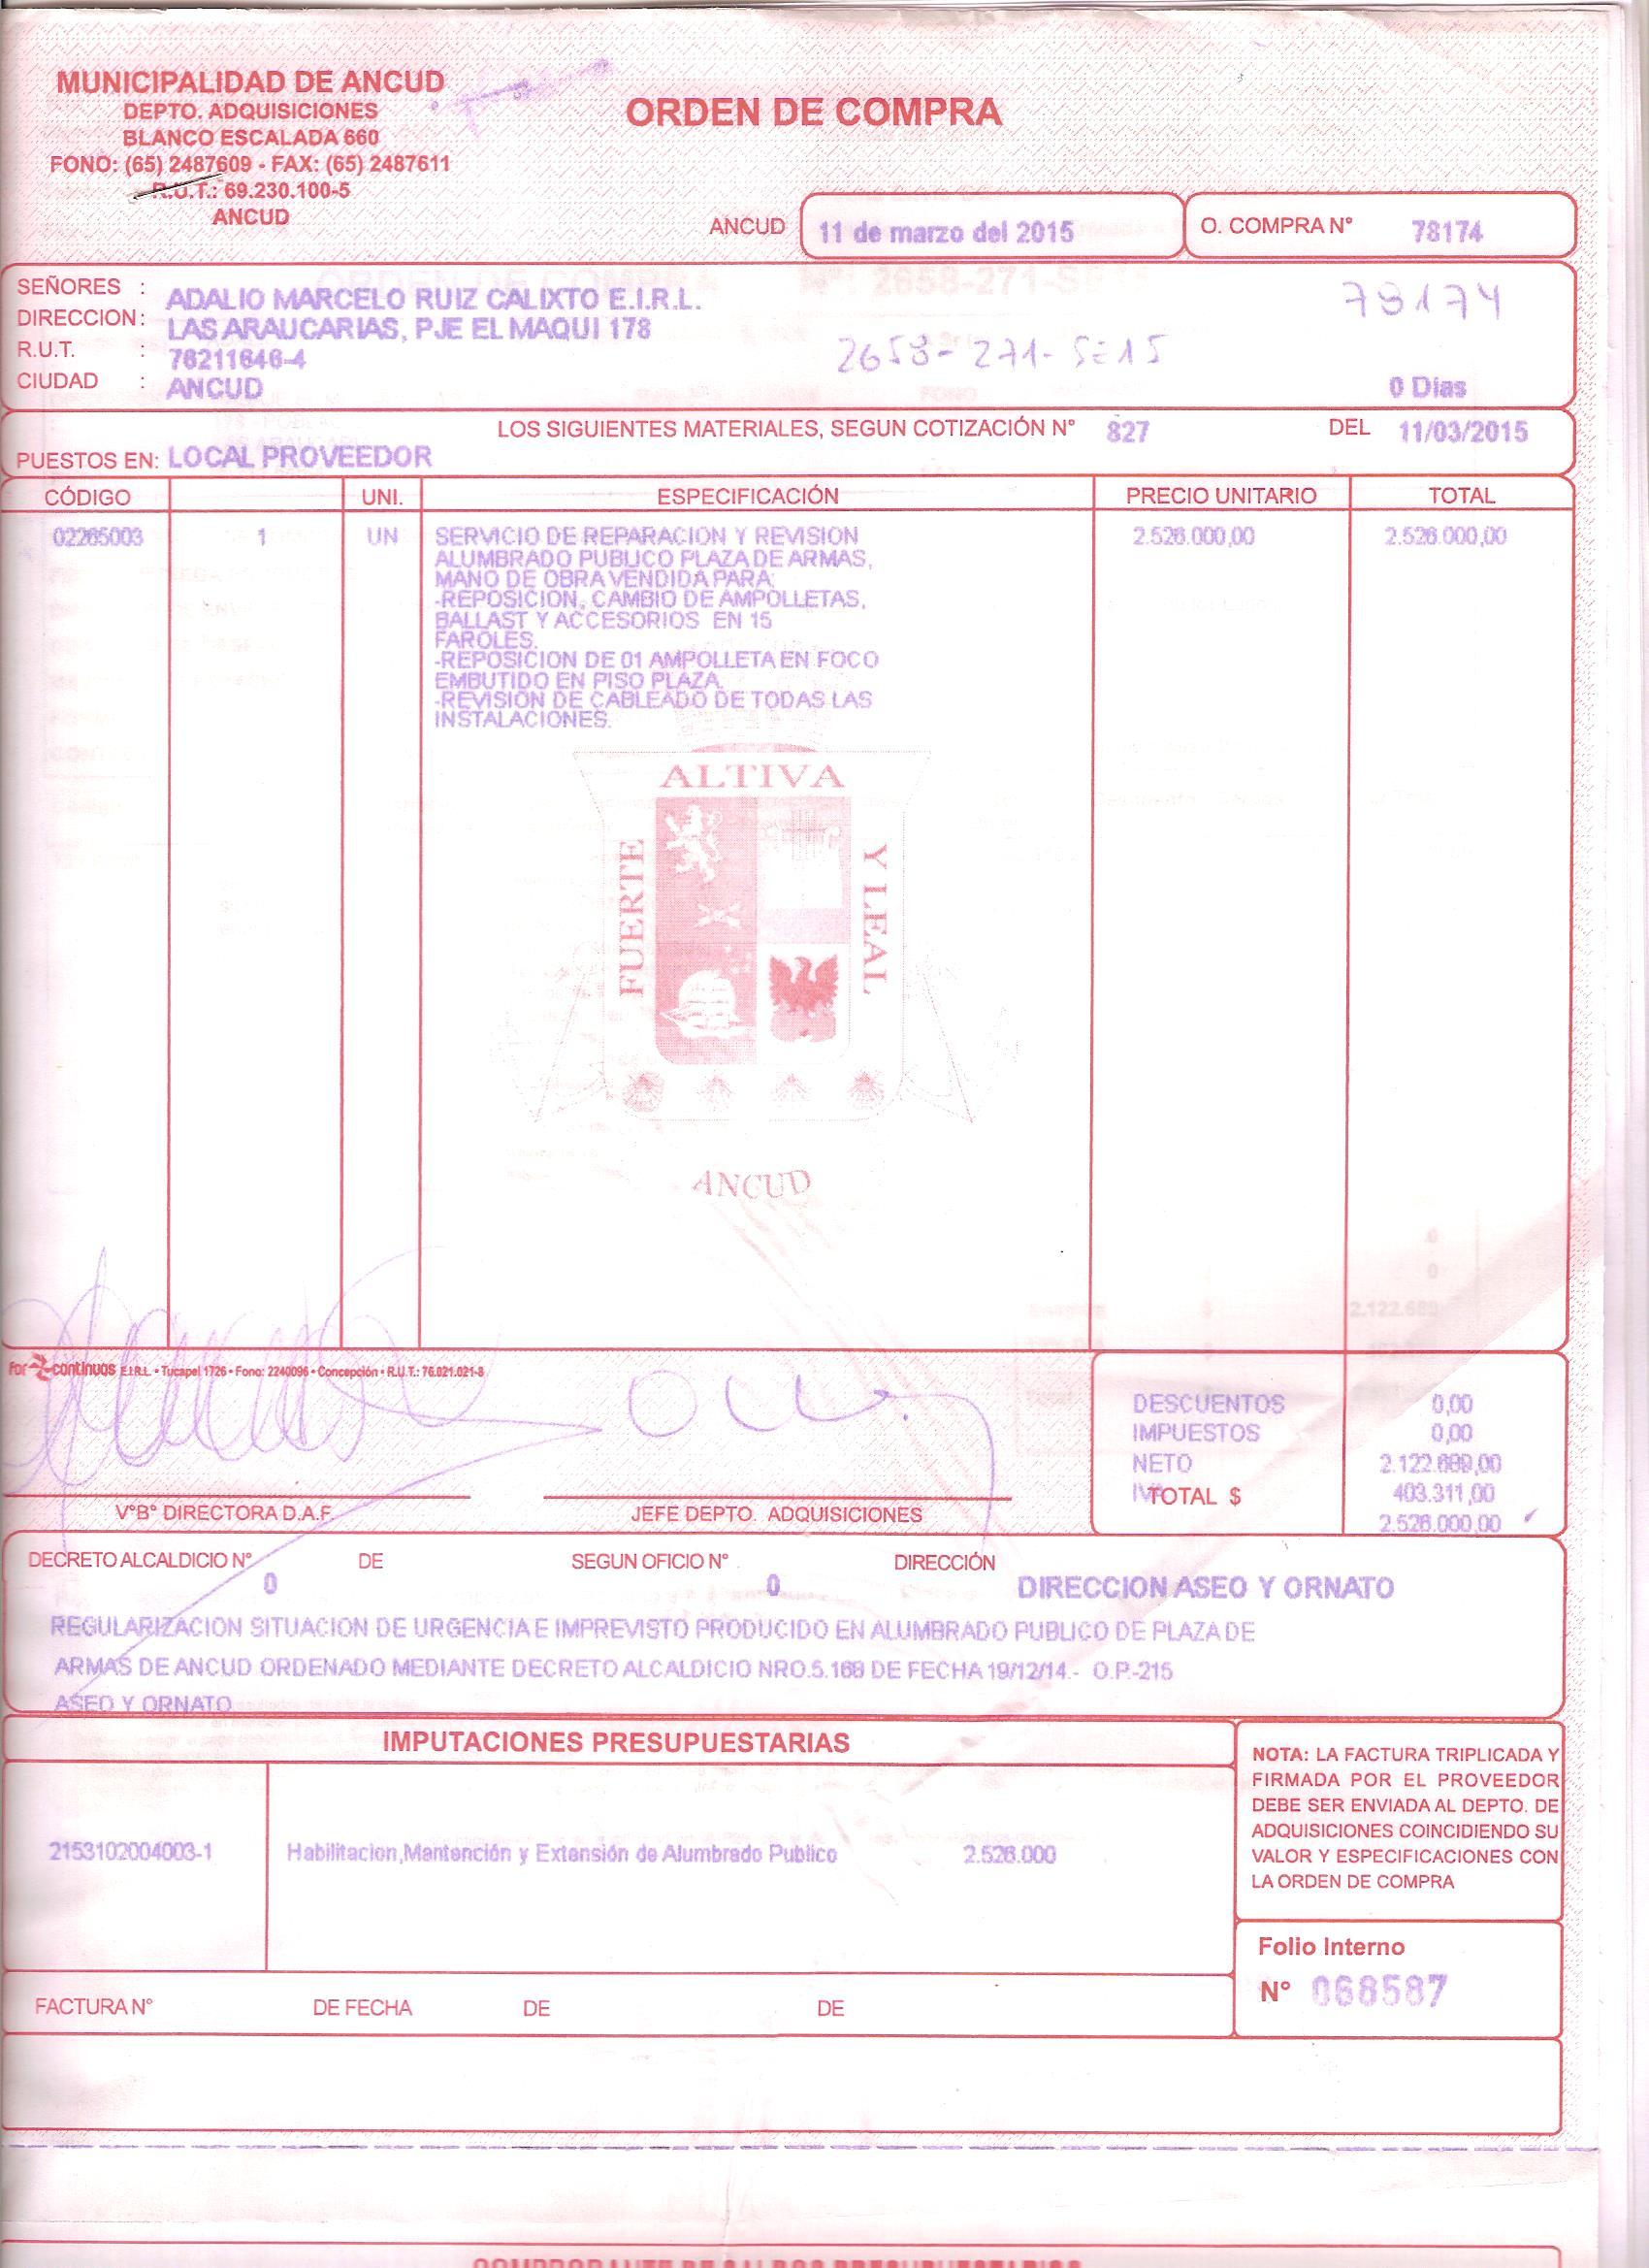 02 03 2015 Orden De Compra 78090 Pasaje Ayuda Social Sra Mirsas  # Muebles Loa Sur Ancud